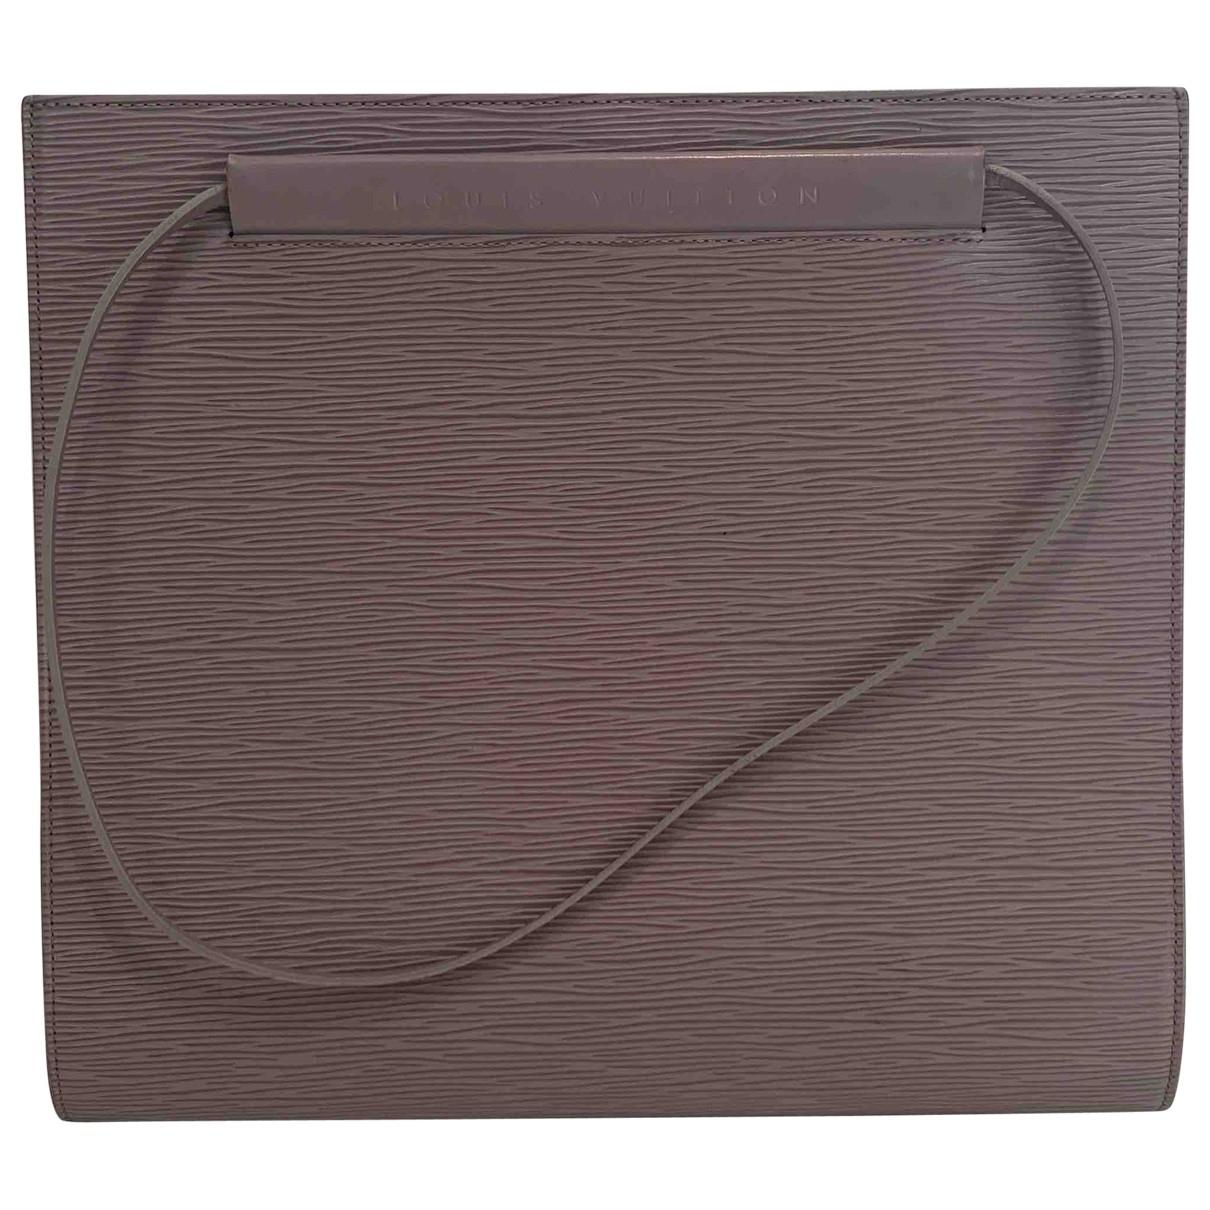 Louis Vuitton - Sac a main   pour femme en cuir - gris